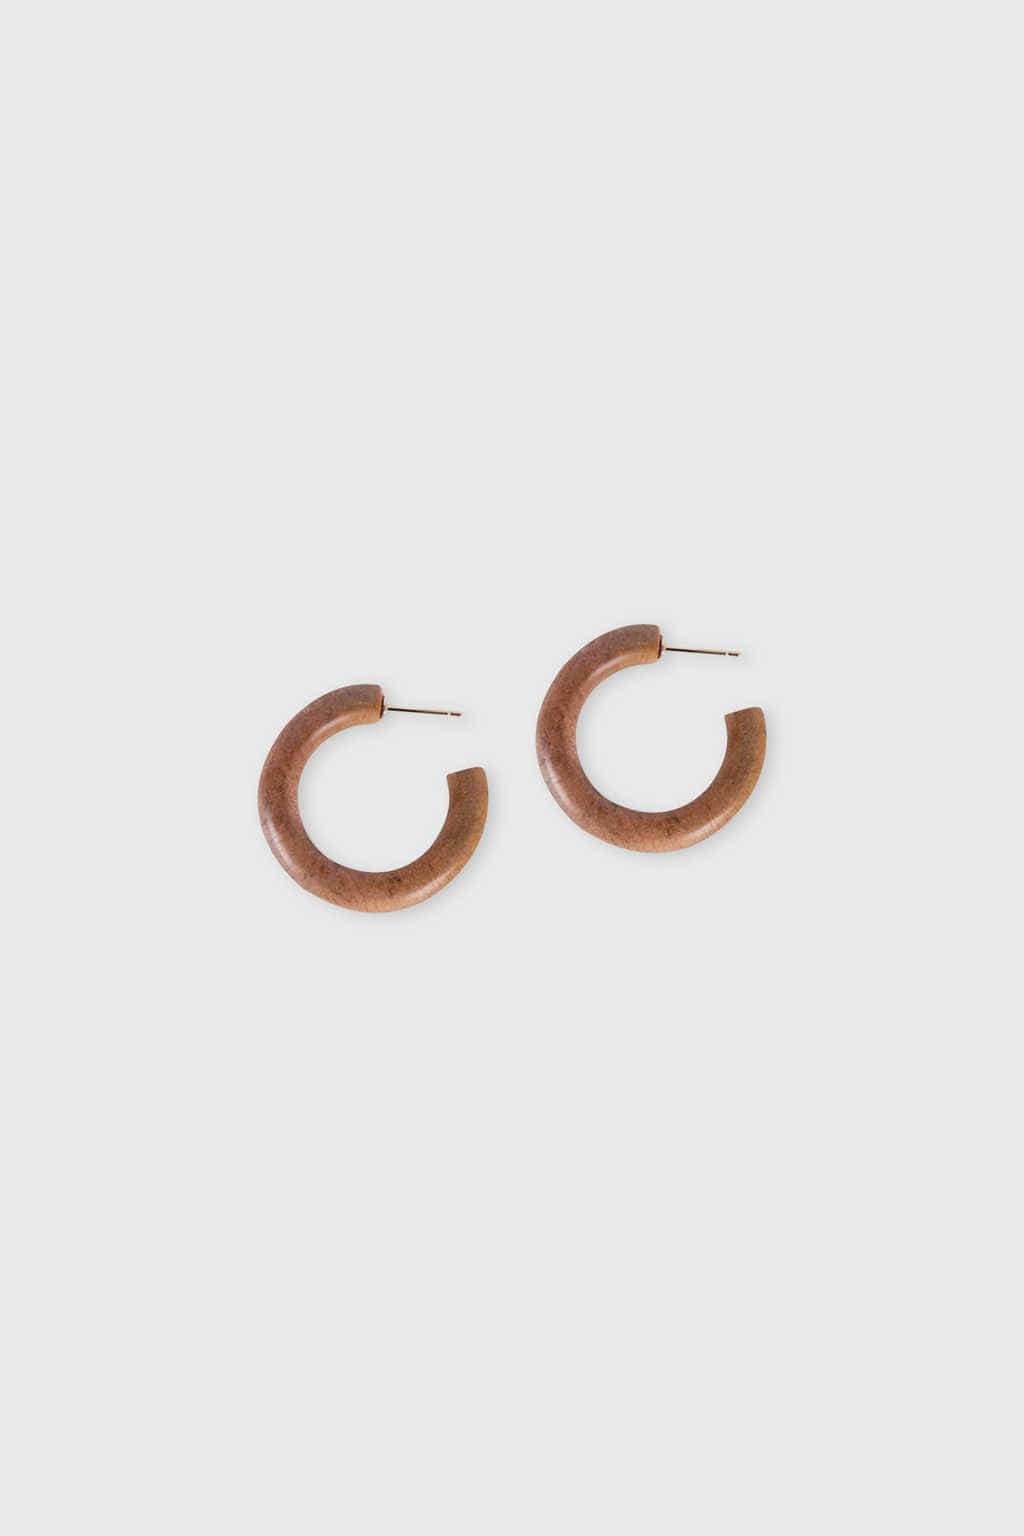 Earring H015 Brown 2